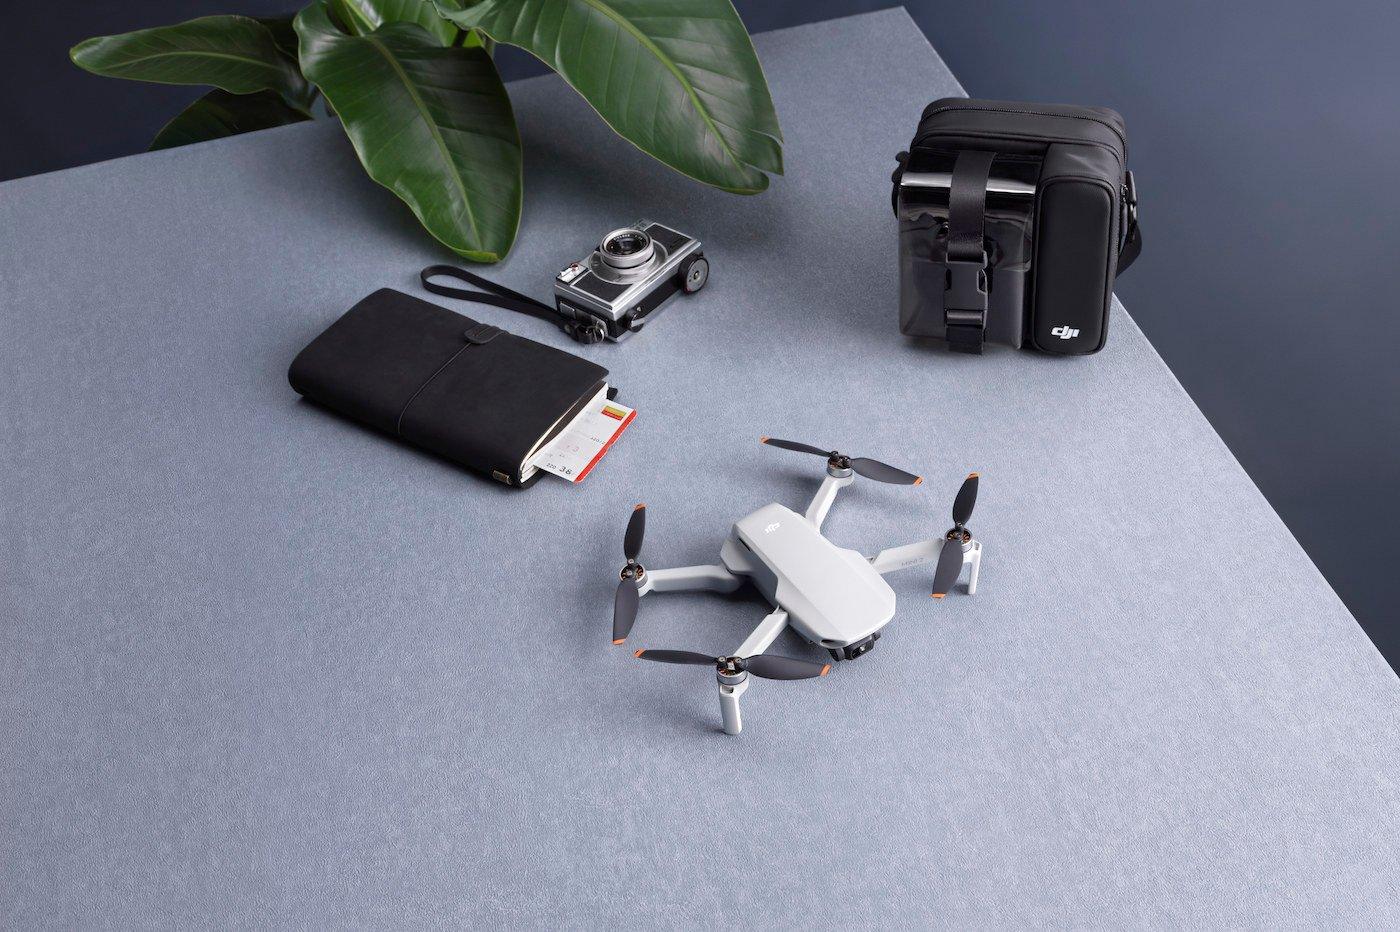 Mini 2 DJI Drone